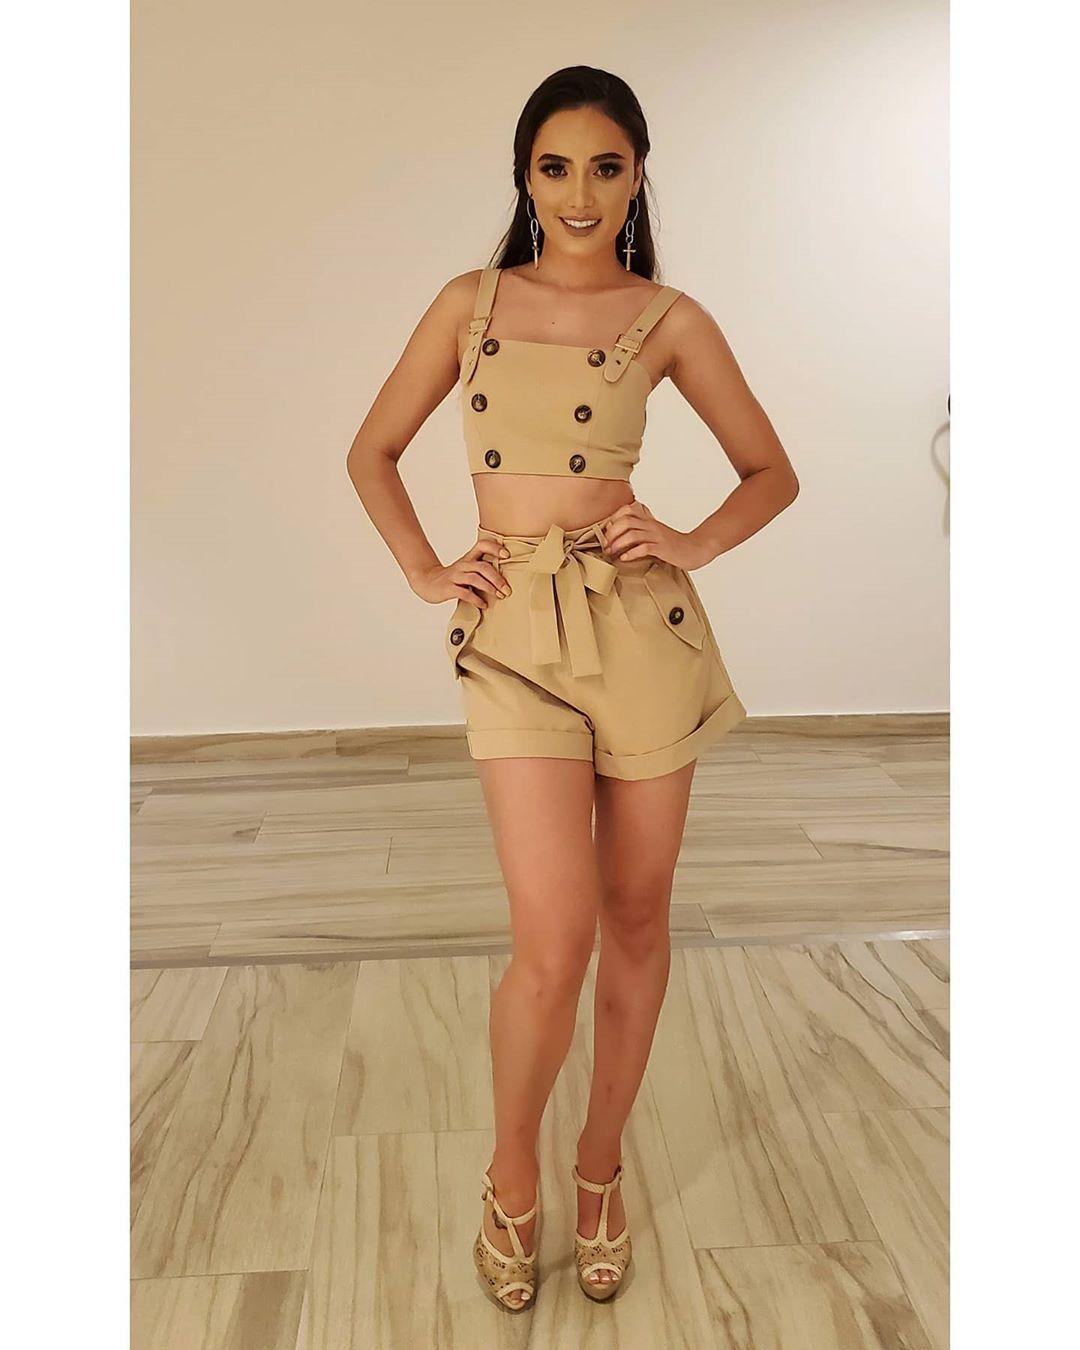 karolina vidales, candidata a miss mexico 2020, representando michoacan. - Página 4 10103810